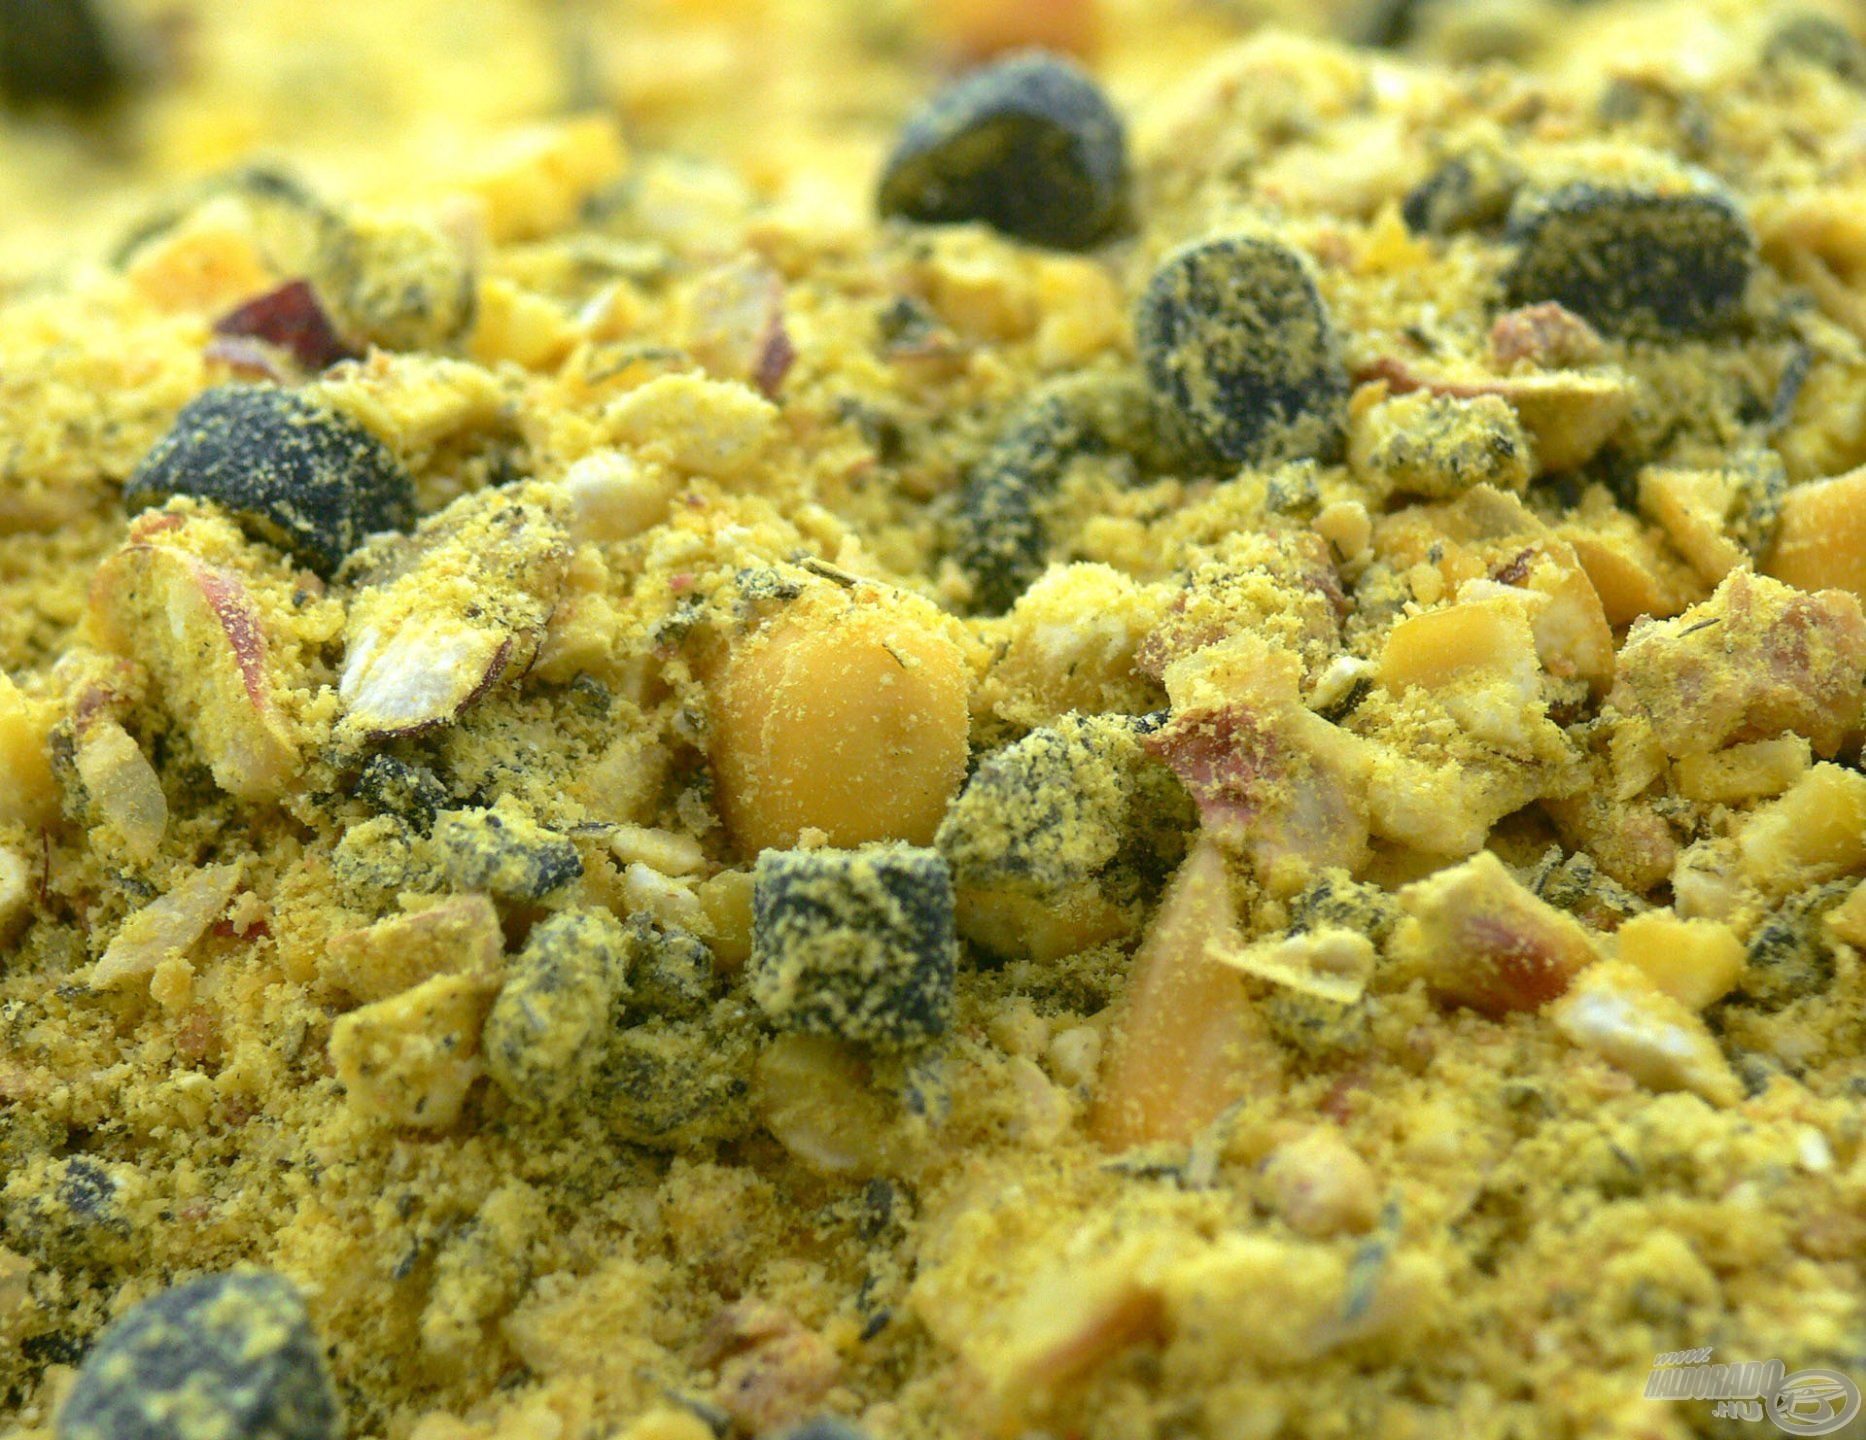 Rendkívül gazdag beltartalom jellemzi, enyhén édes és savanykás vajsav + mangó aromáját imádják a pontyok!